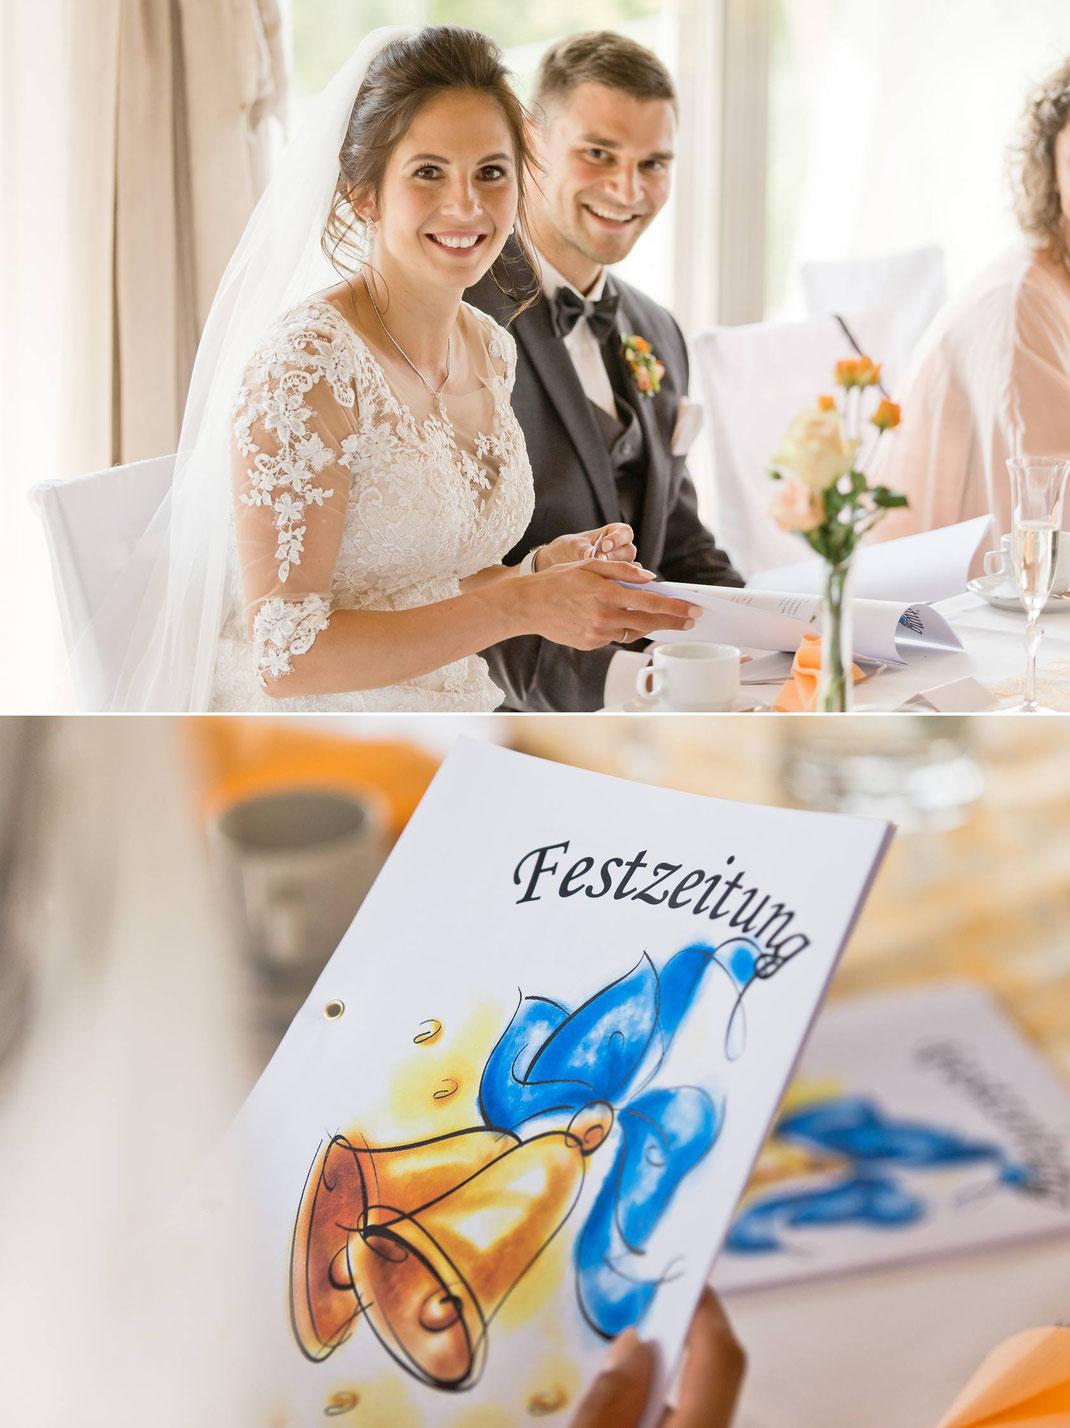 Hochzeitsbräuche, Kreuztanne, Hotel, Waldhotel Kreuztanne Sayda, Waldhotel Kreuztanne Sayda hochzeit, Waldhotel Kreuztanne hochzeit, waldhotel kreuztanne friedebach, kreuztanne sayda hochzeit